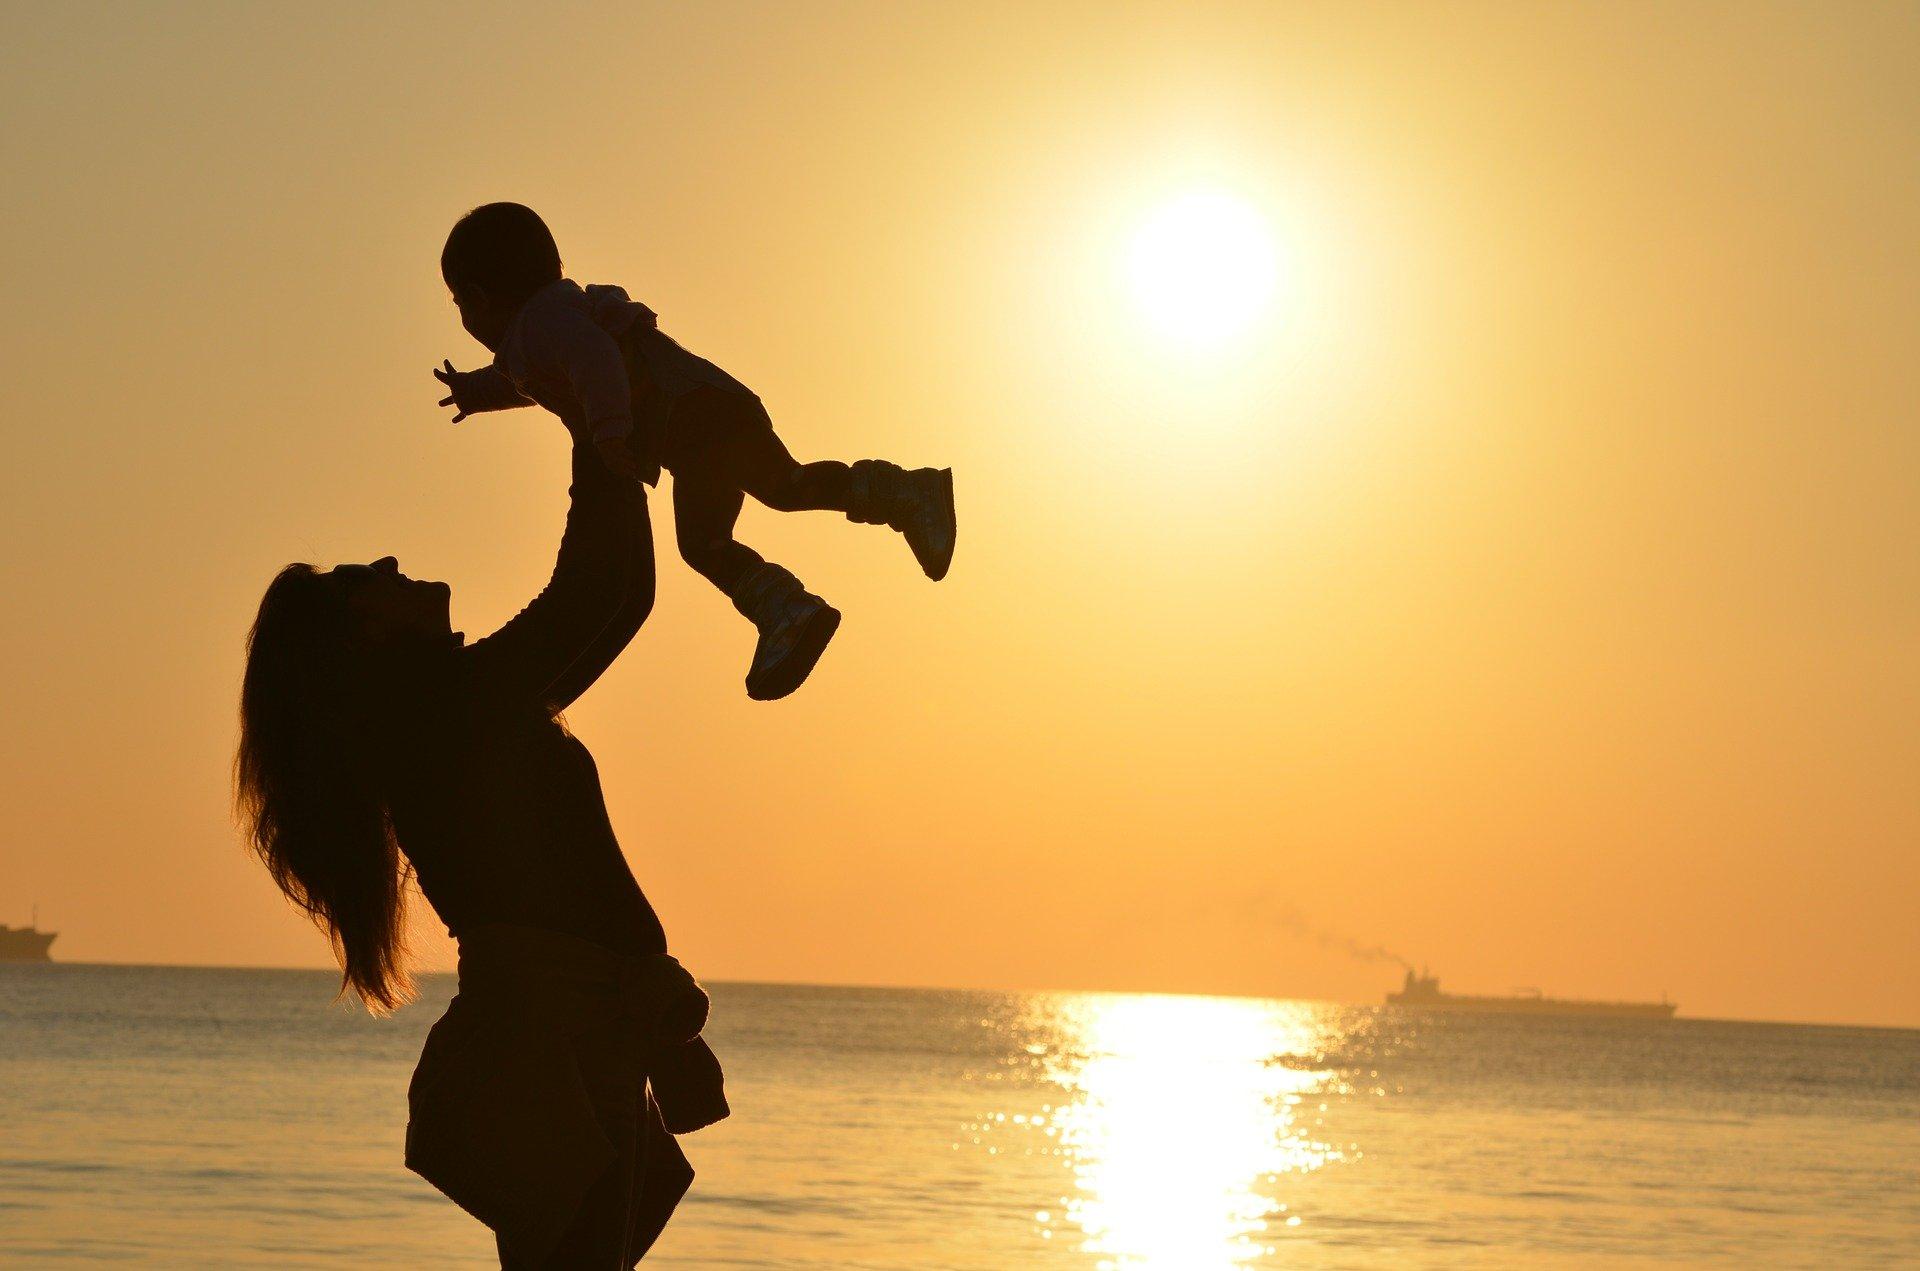 Regalos Originales Mama Primeriza.Los Mejores Regalos Para El Dia De La Madre Primeriza